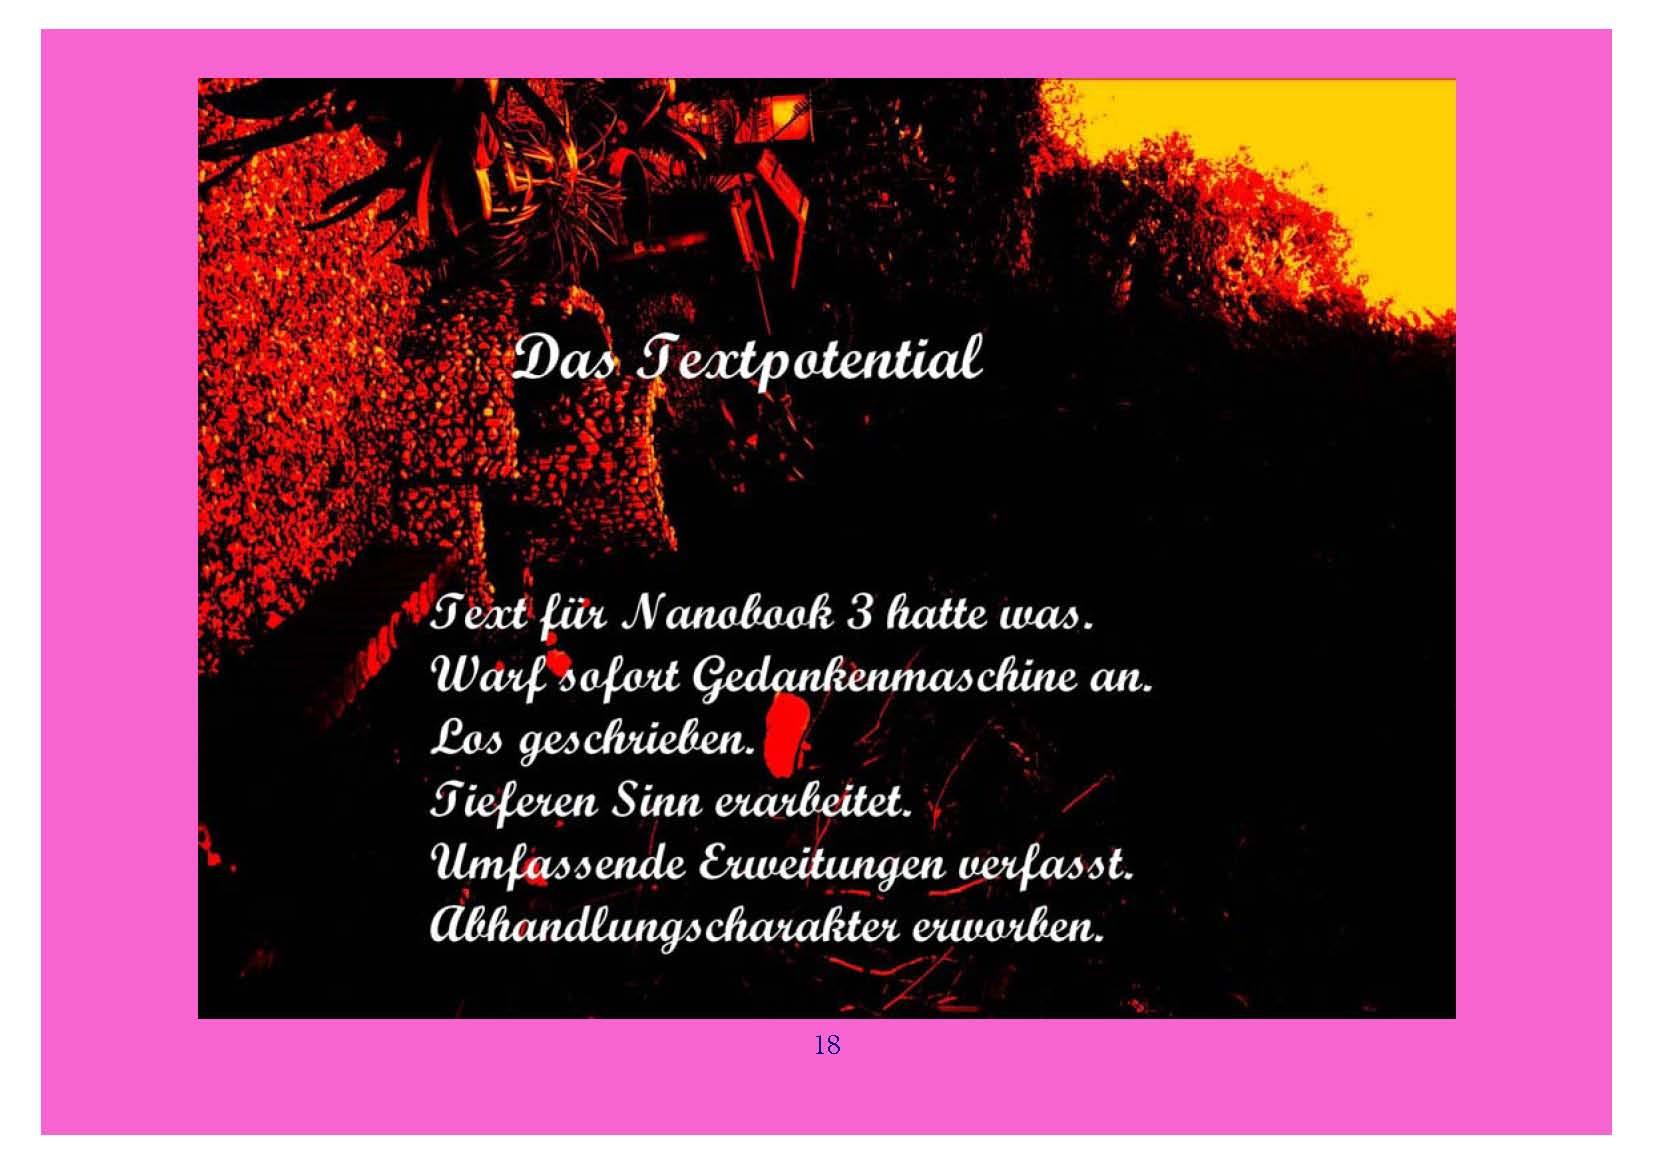 ™Gigabuch-Bibliothek/iAutobiographie Band 17/Bild 1269